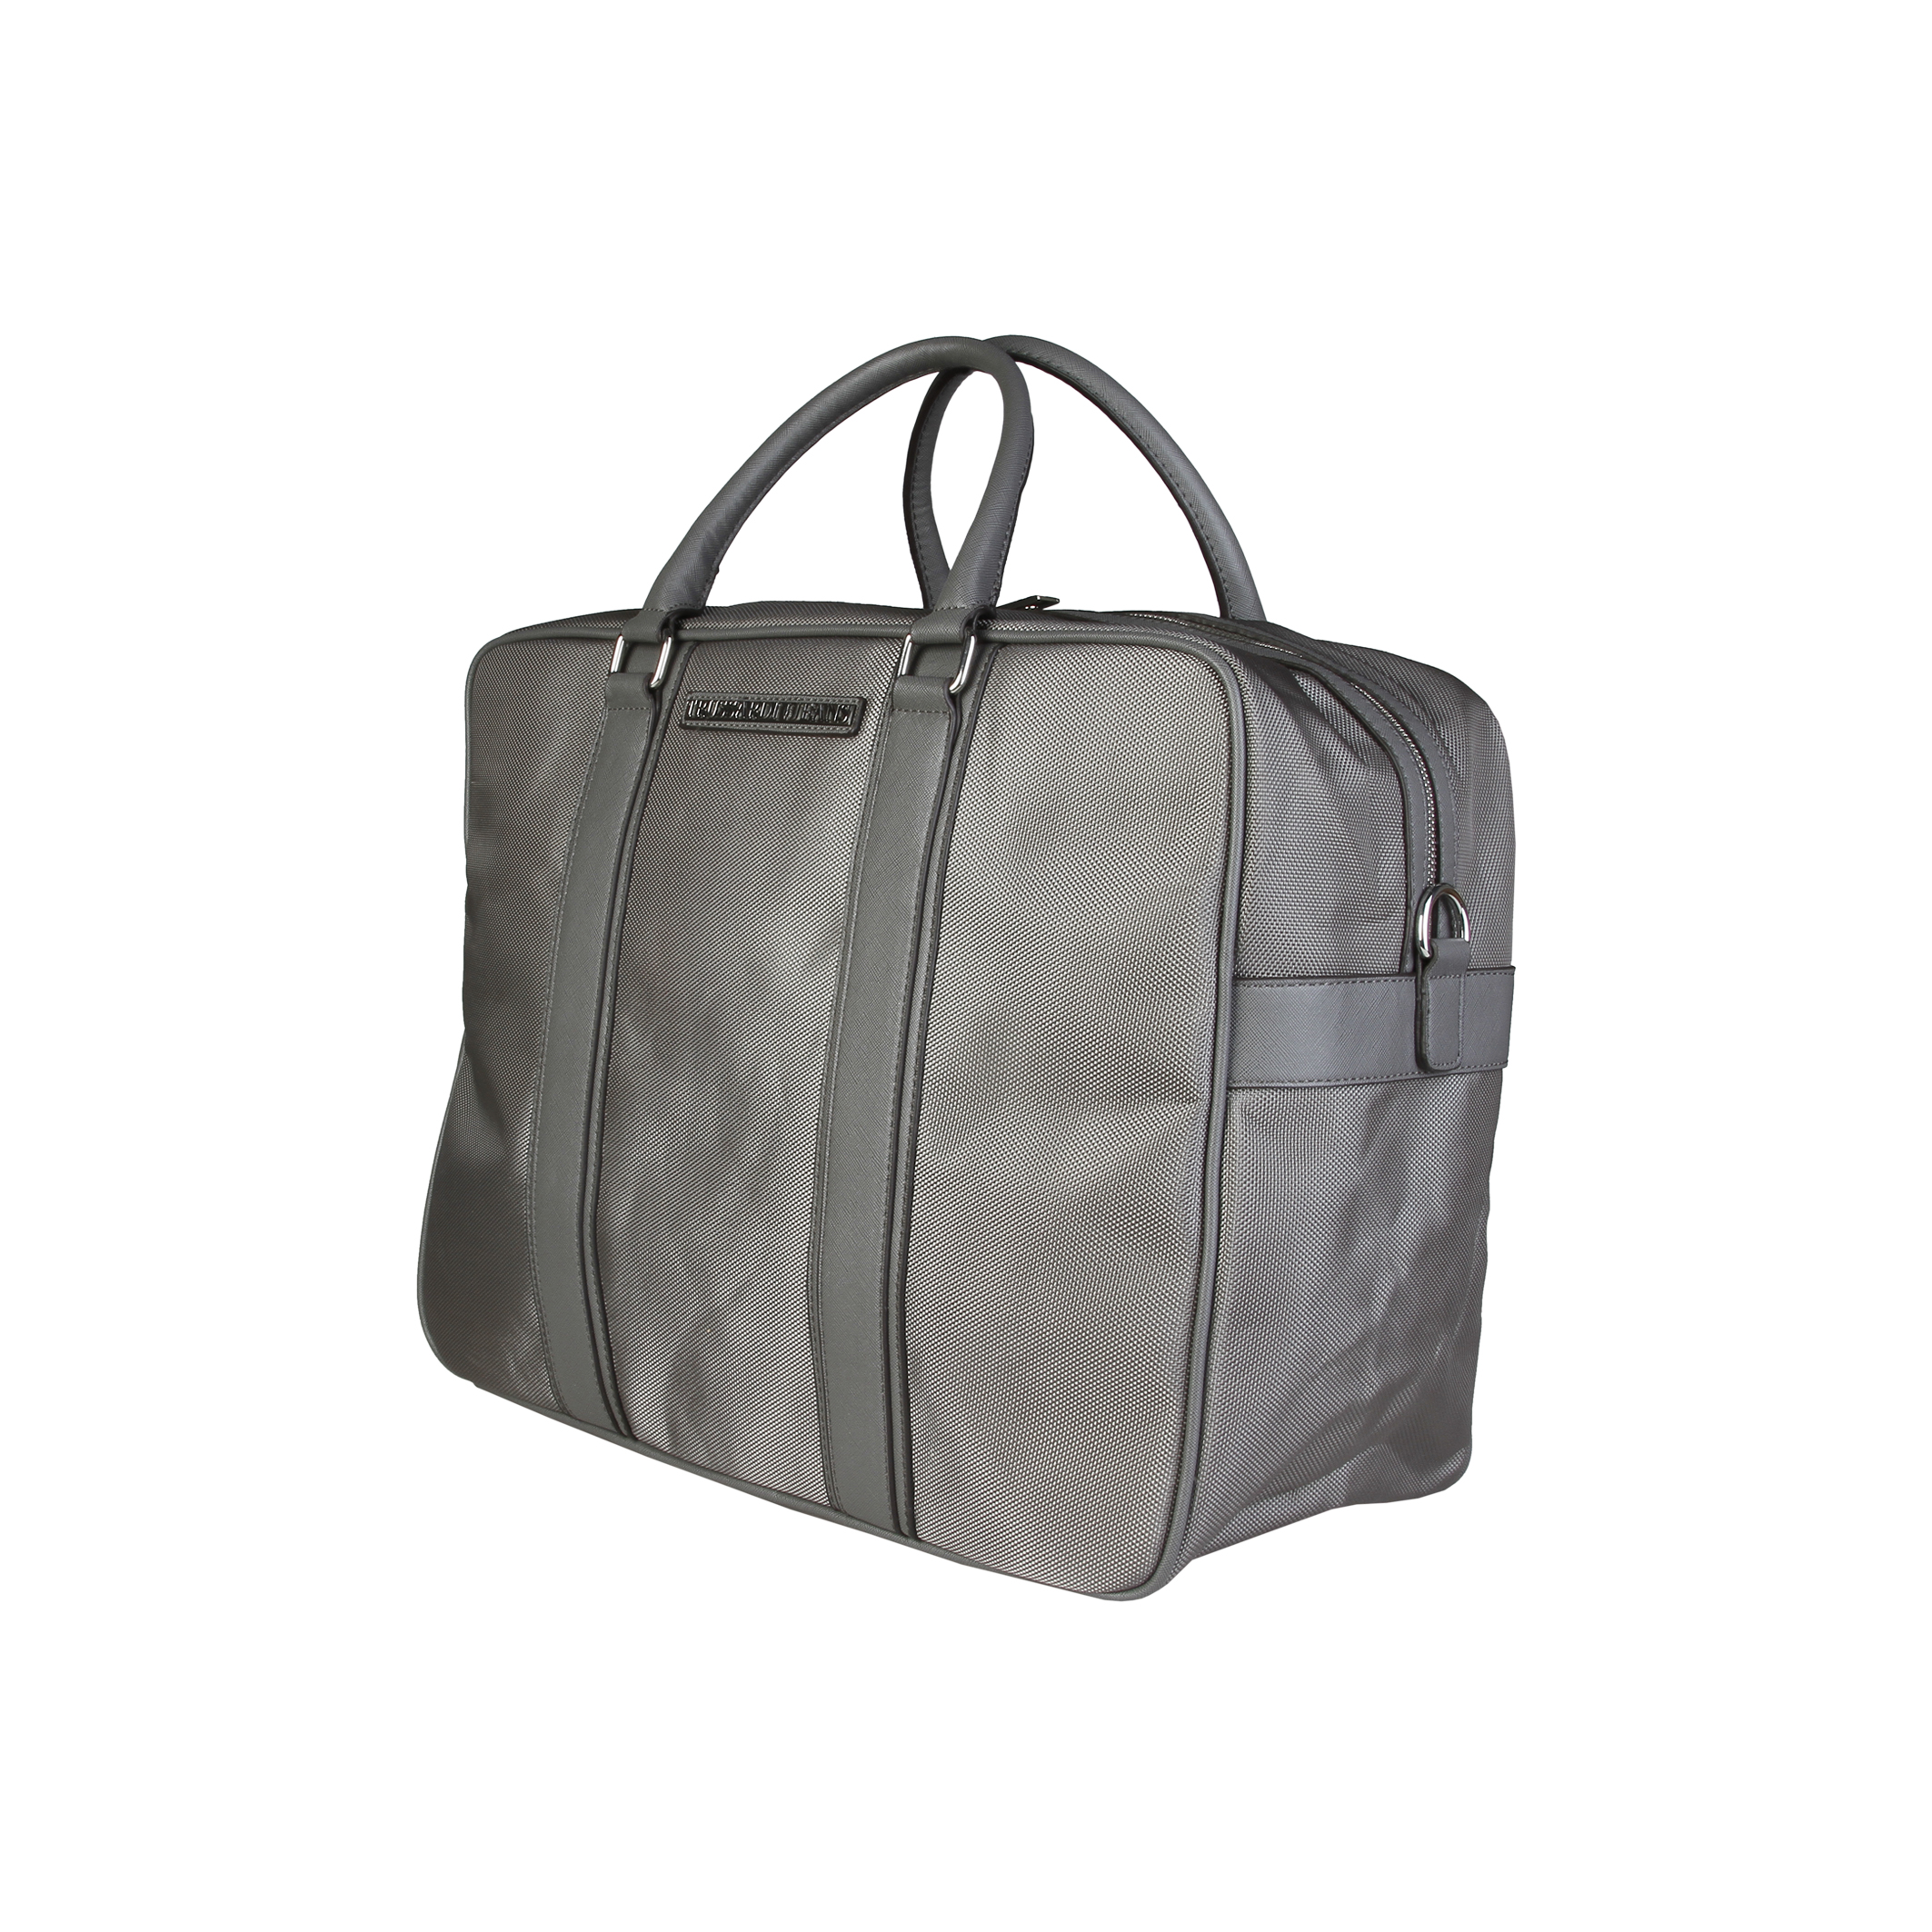 Sacs / Portefeuilles  Trussardi 71B985T grey